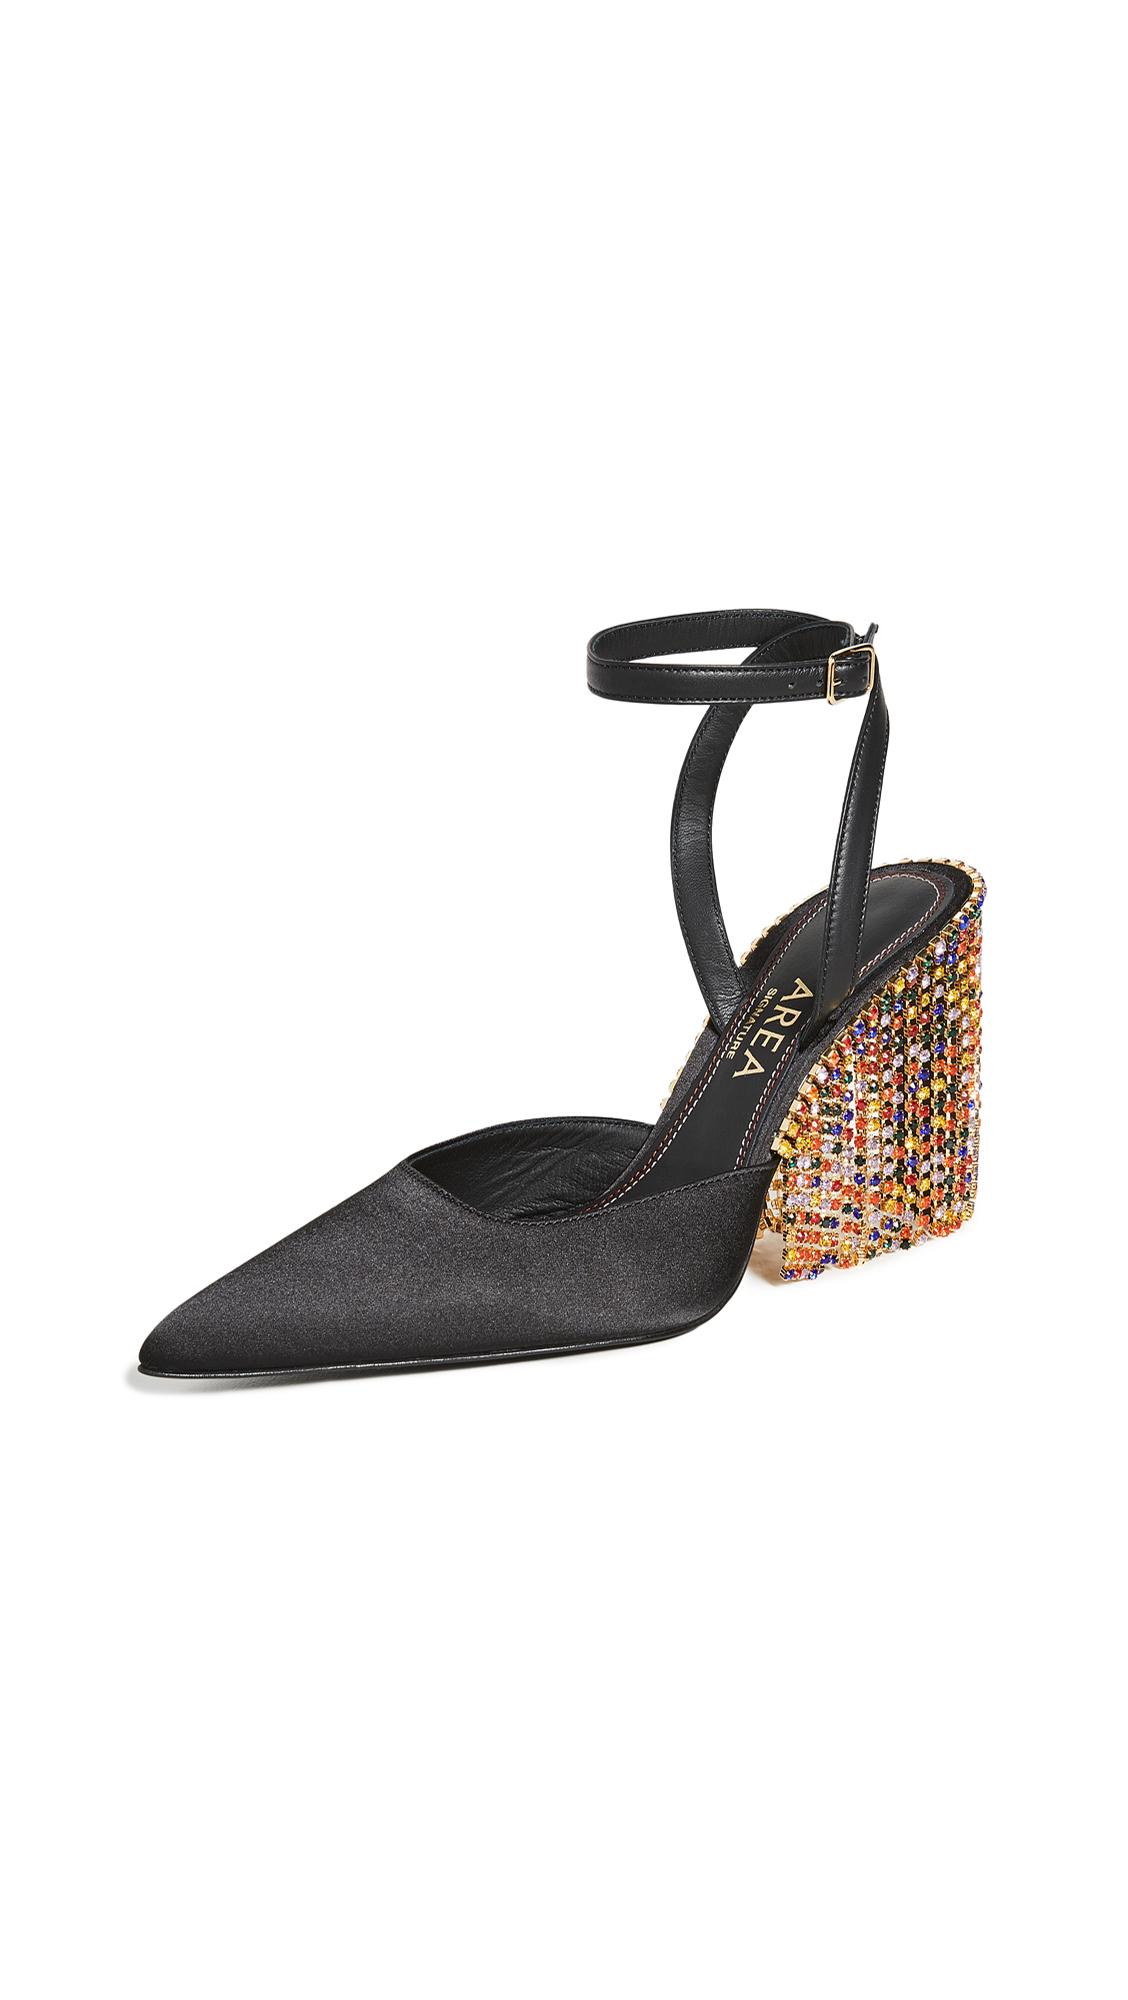 Buy Area Crystal Chandelier High Heels online, shop Area